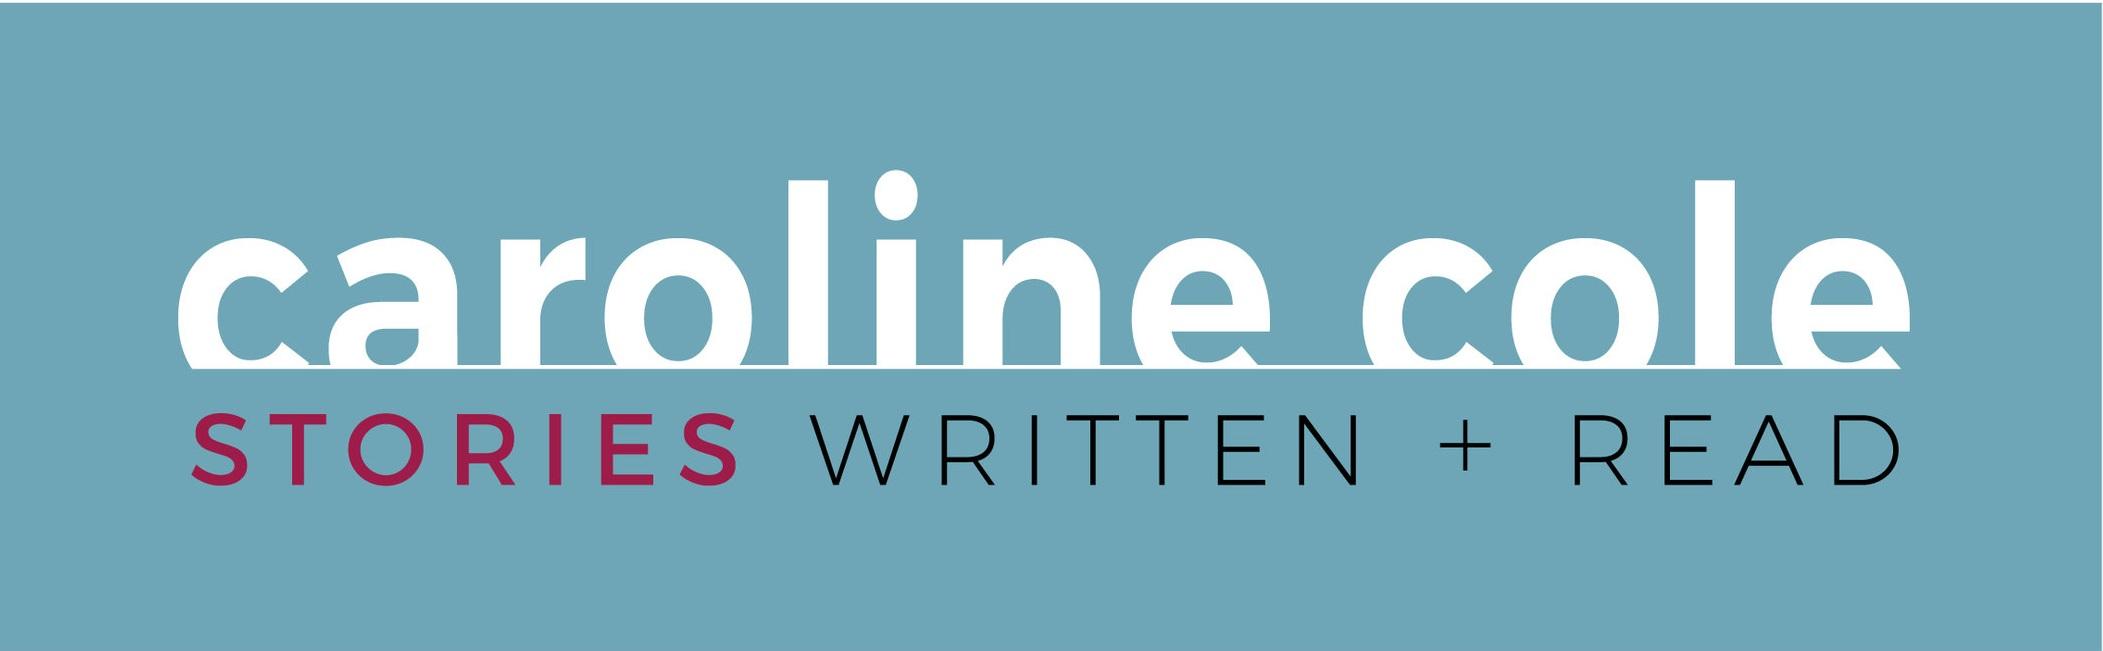 CC_Logo3_FINAL.jpg